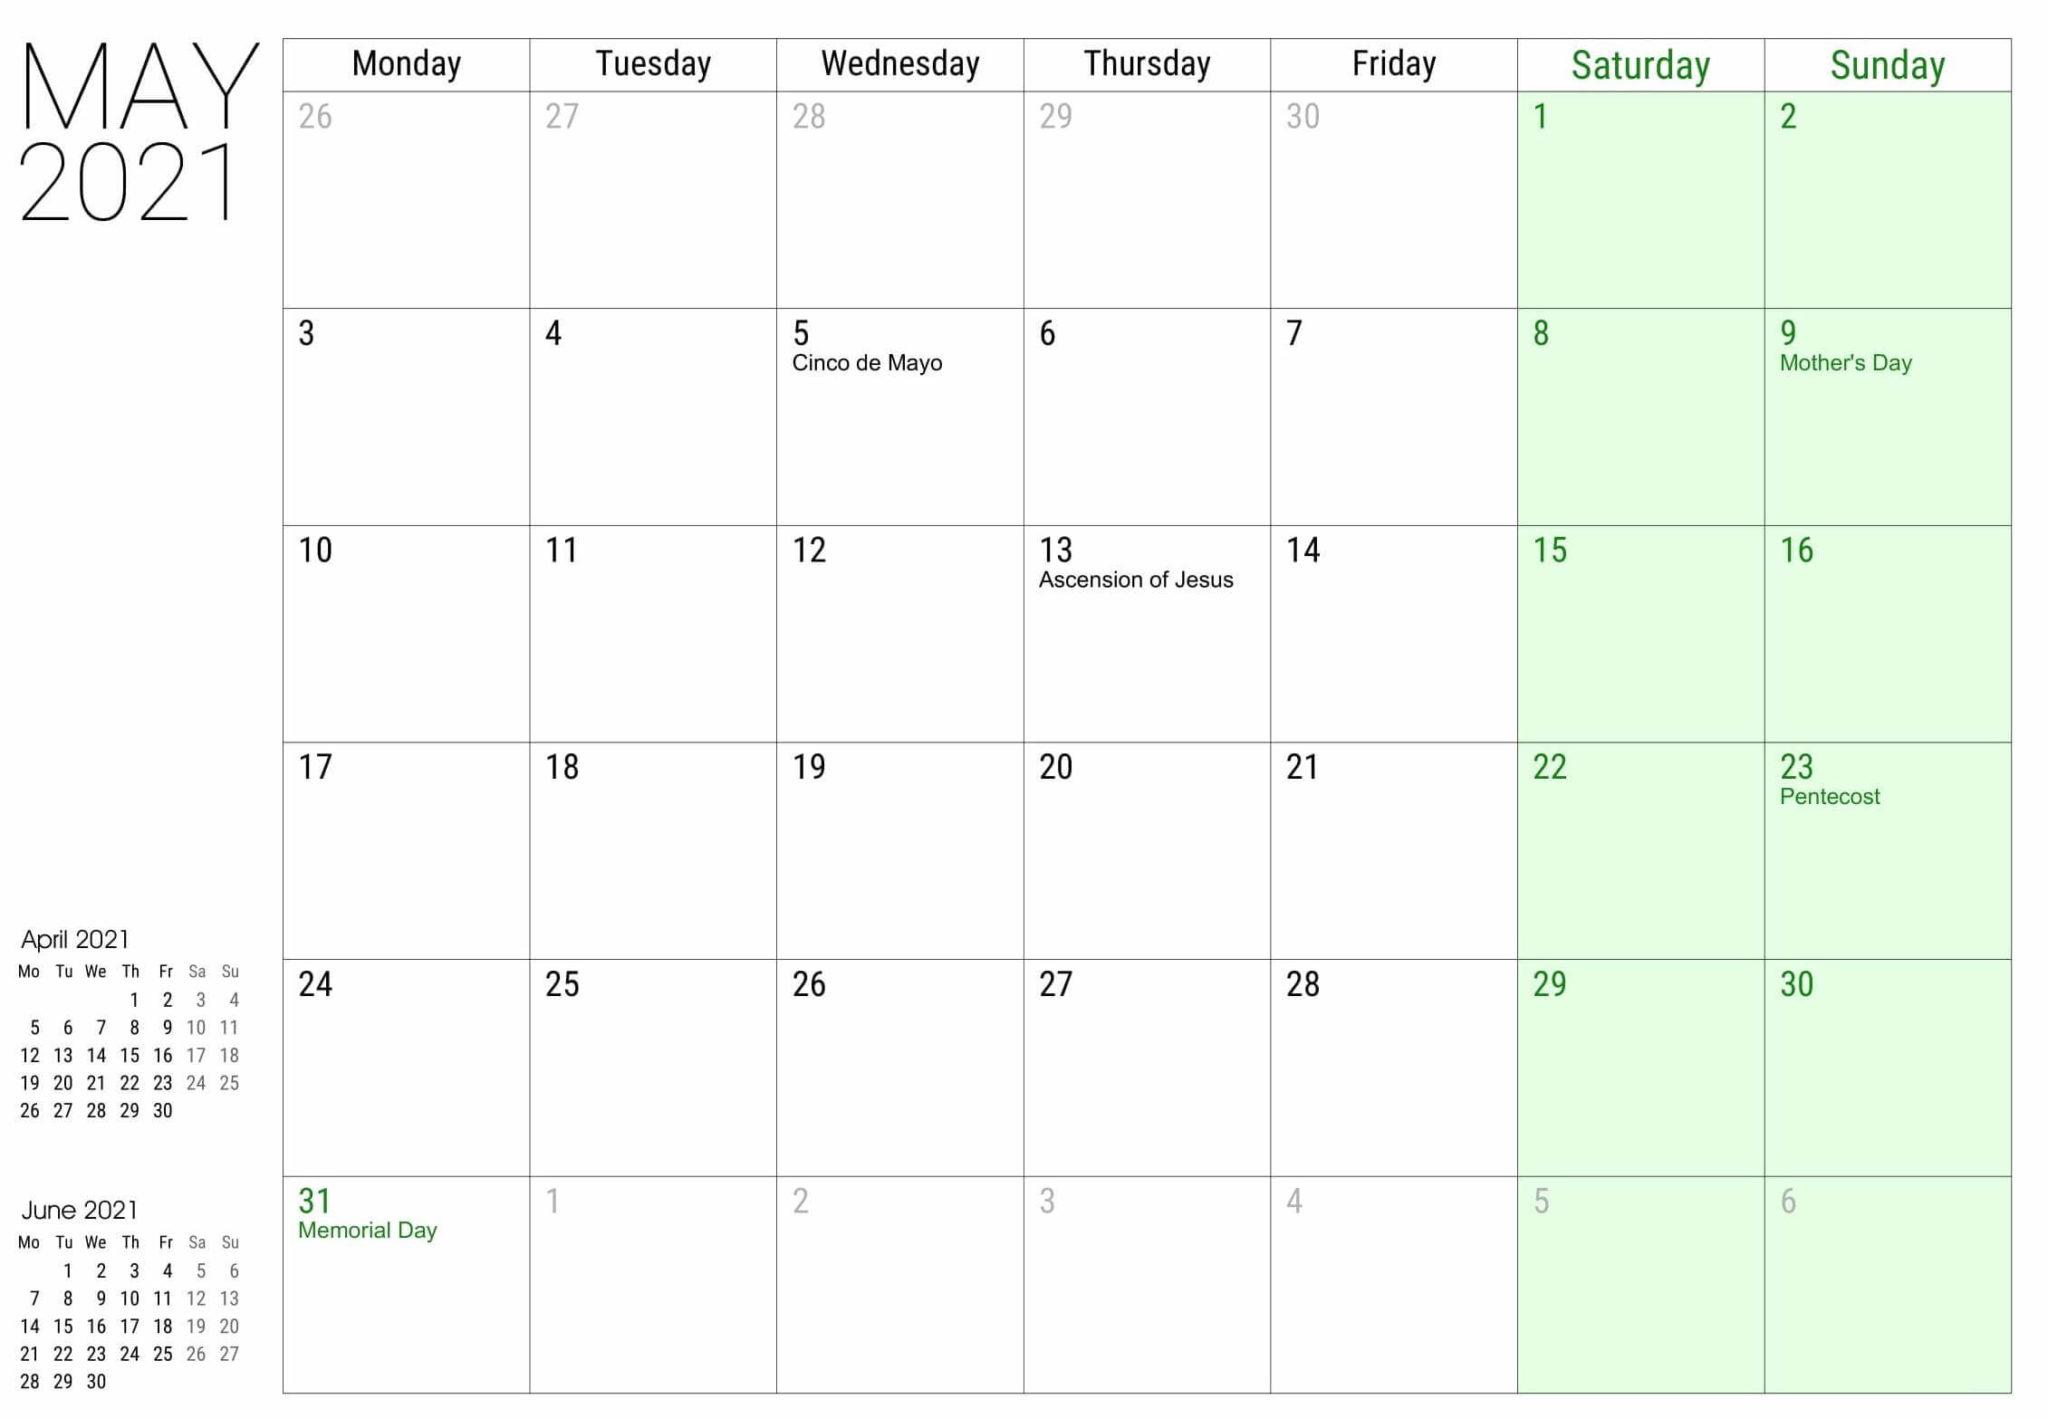 May 2021 Calendar US Federal & Public Holidays